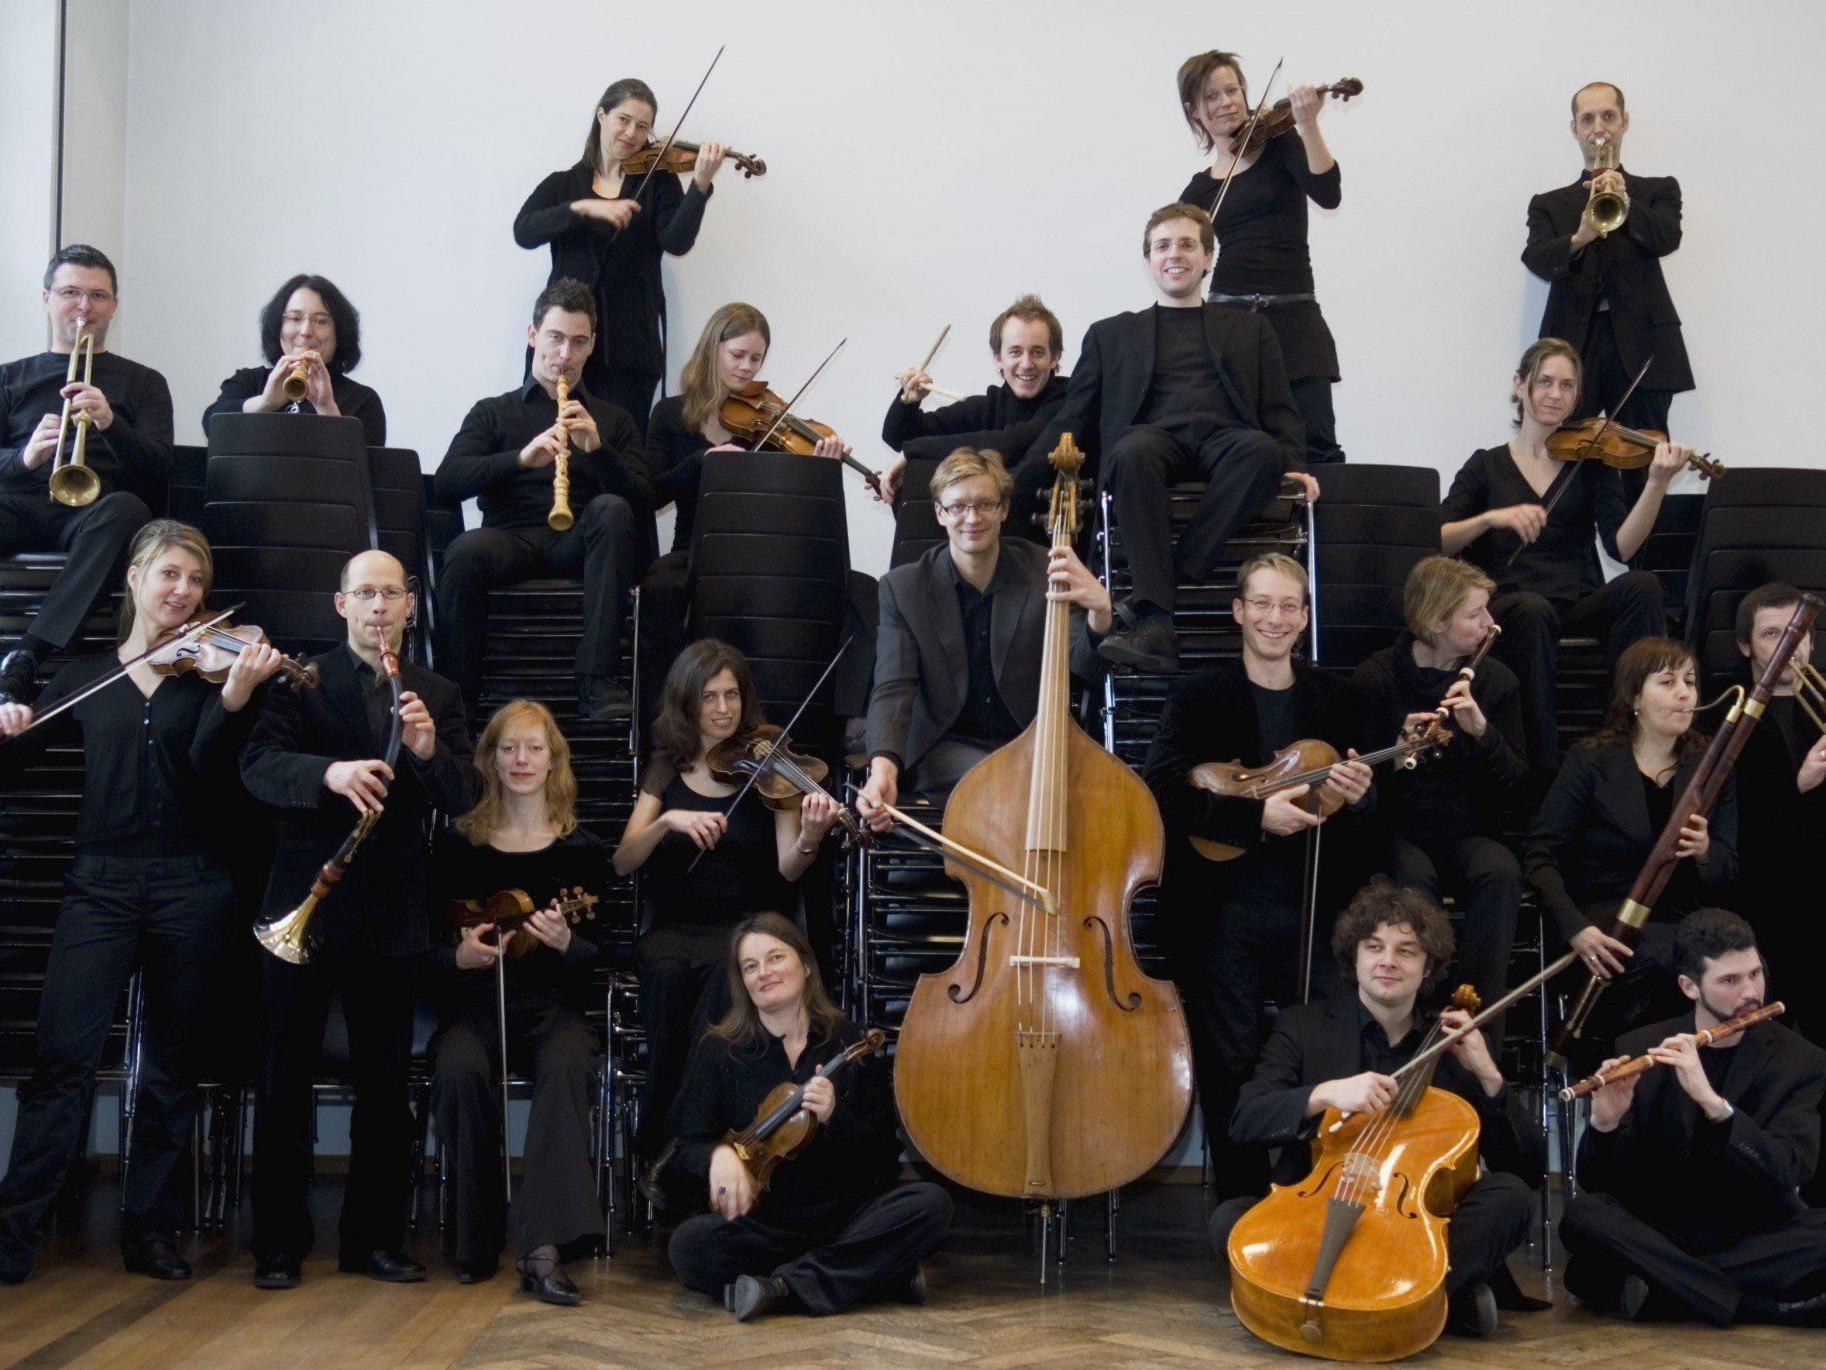 Das Barockorchester Concerto Stella Matutina vermittelt dem Publikum immer wieder die Lust am Neuen in der Alten Musik.